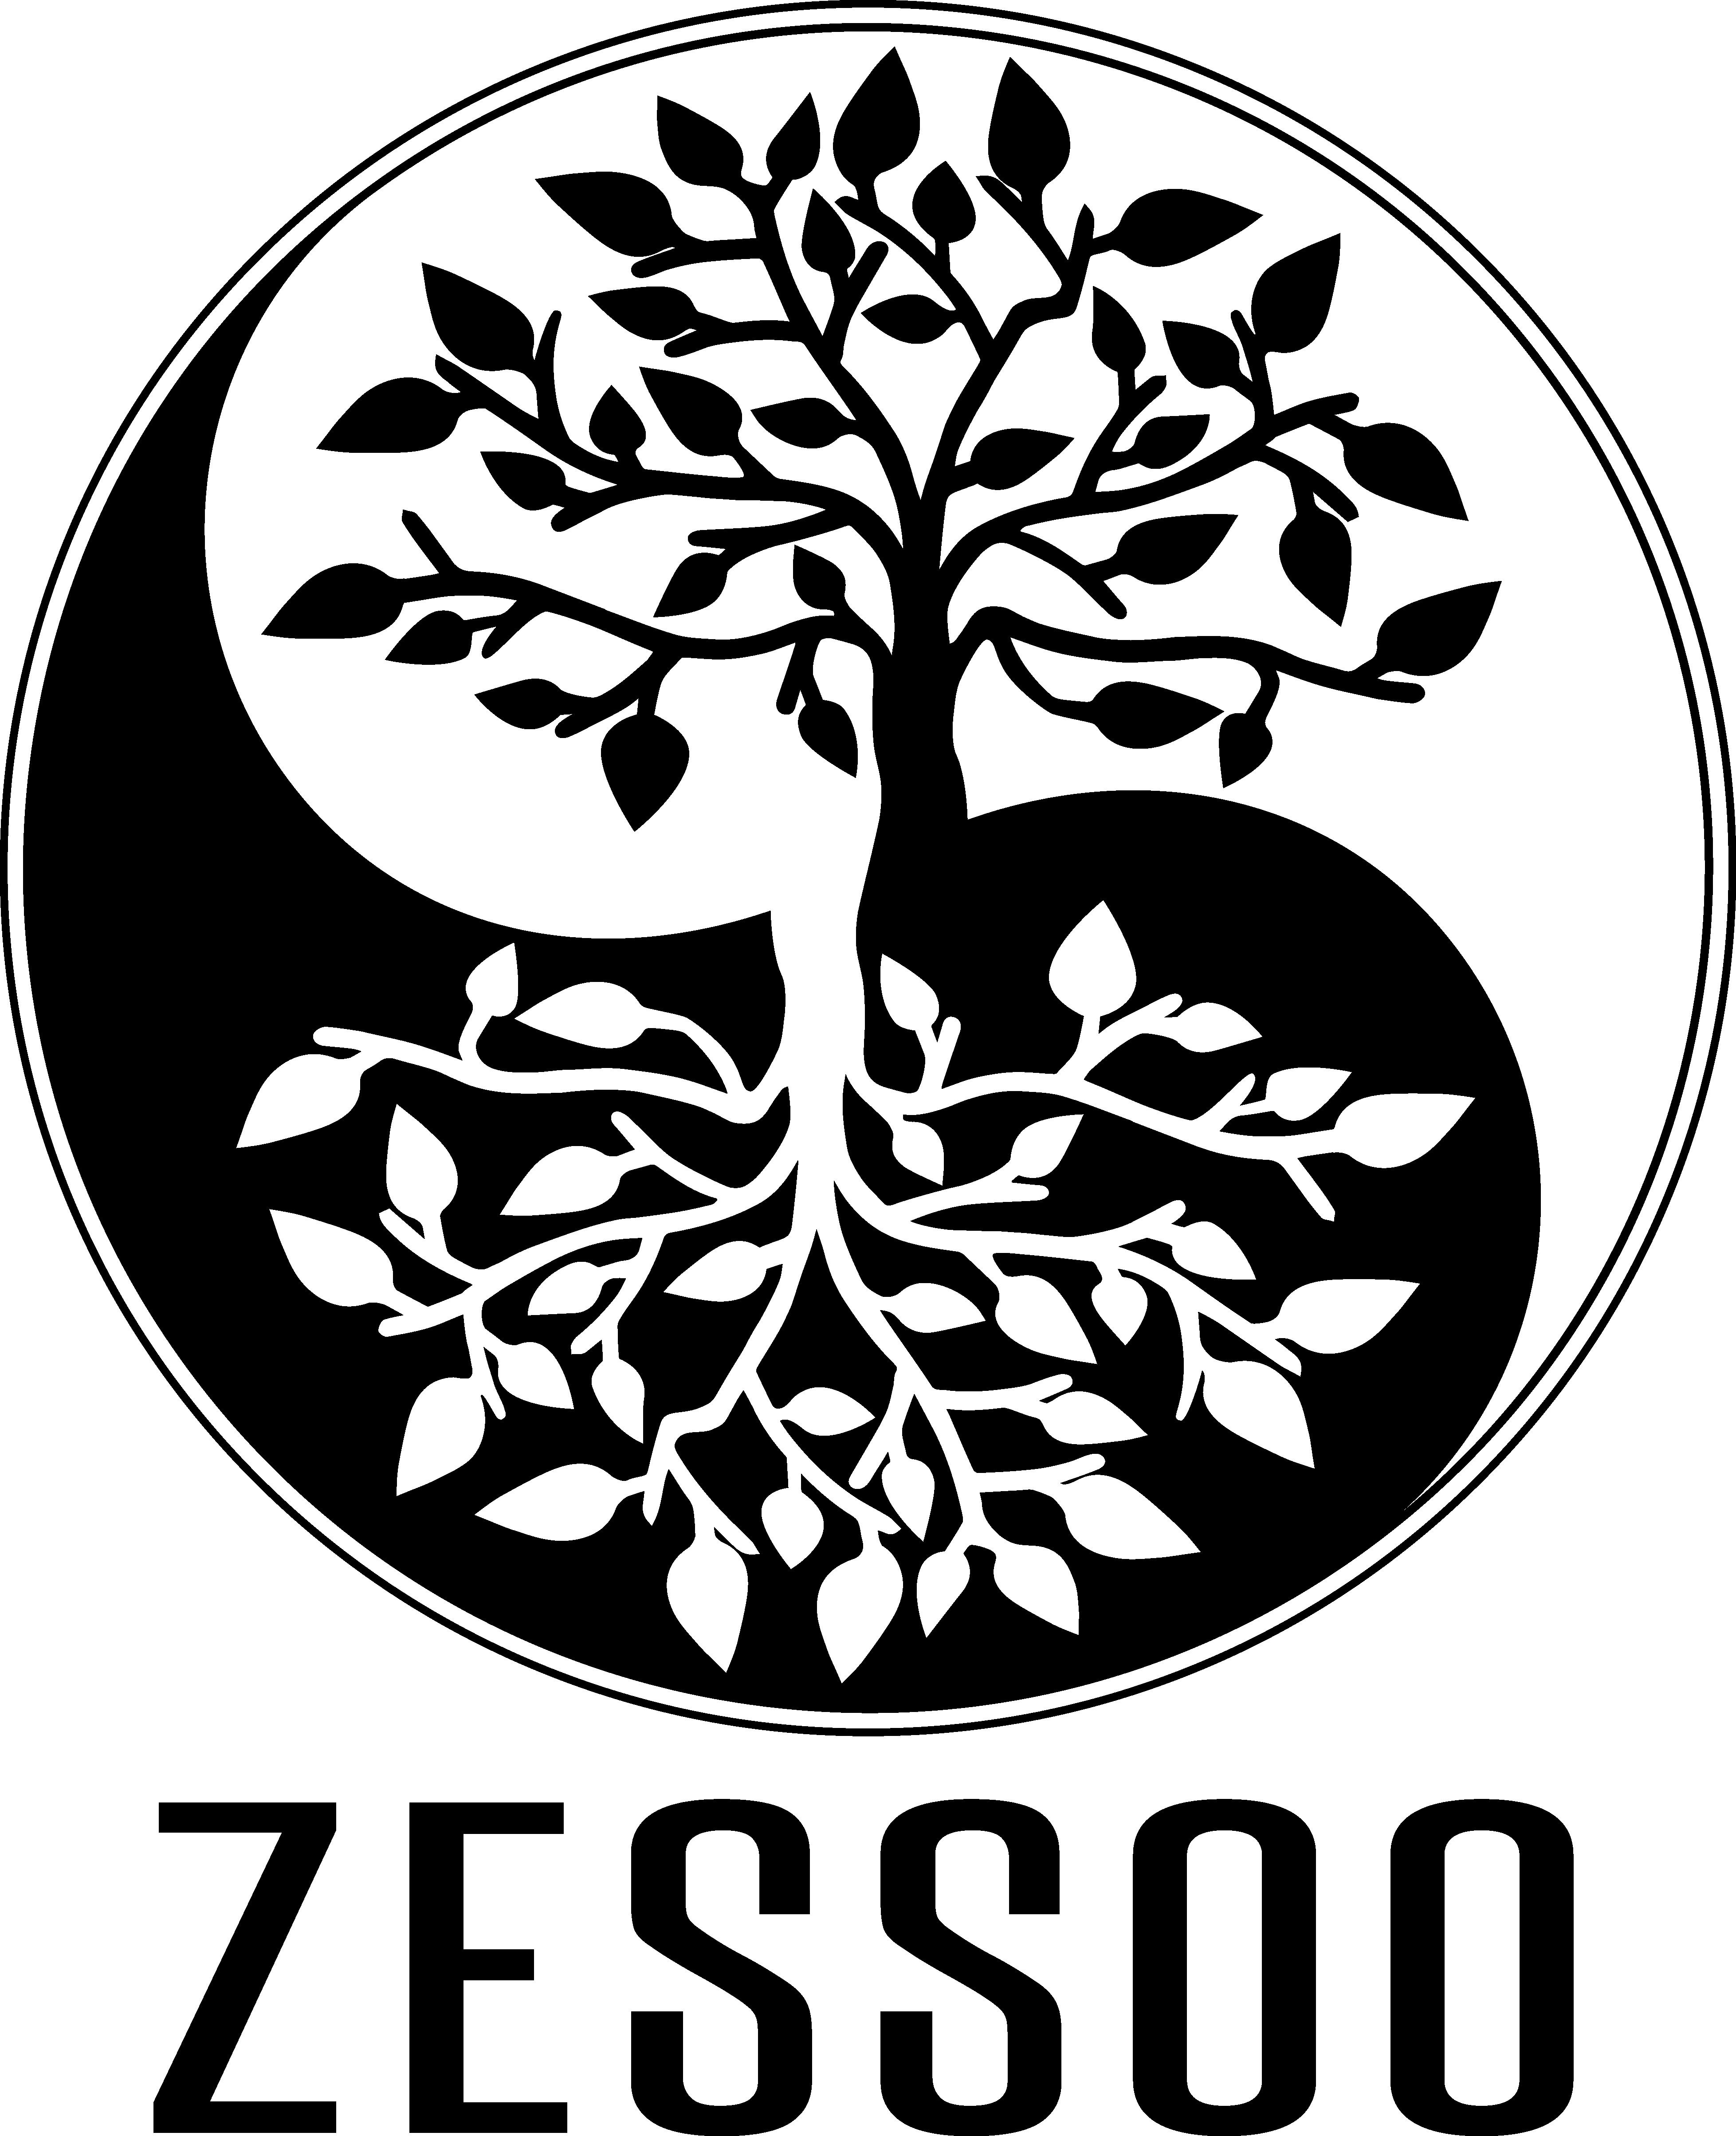 Zessoo